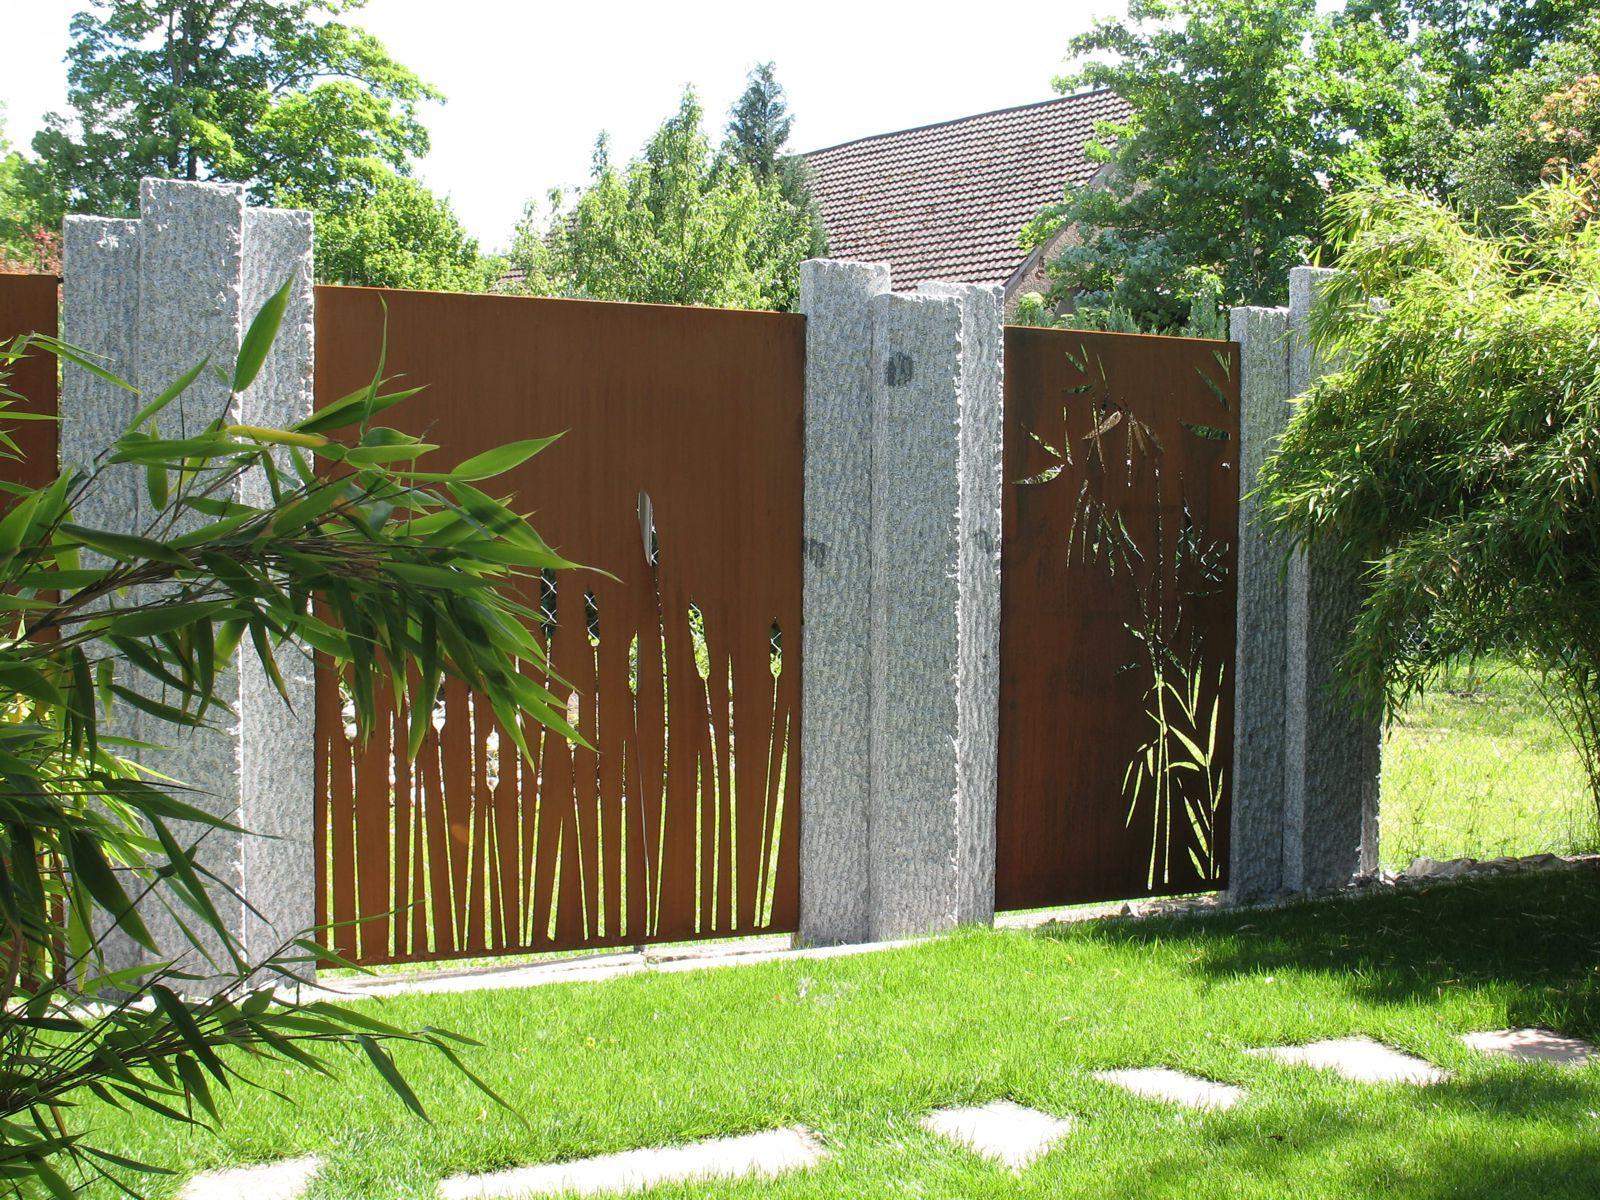 paras sichtschutz die traumgarten ag betongarten pinterest garten sichtschutz und sicht. Black Bedroom Furniture Sets. Home Design Ideas